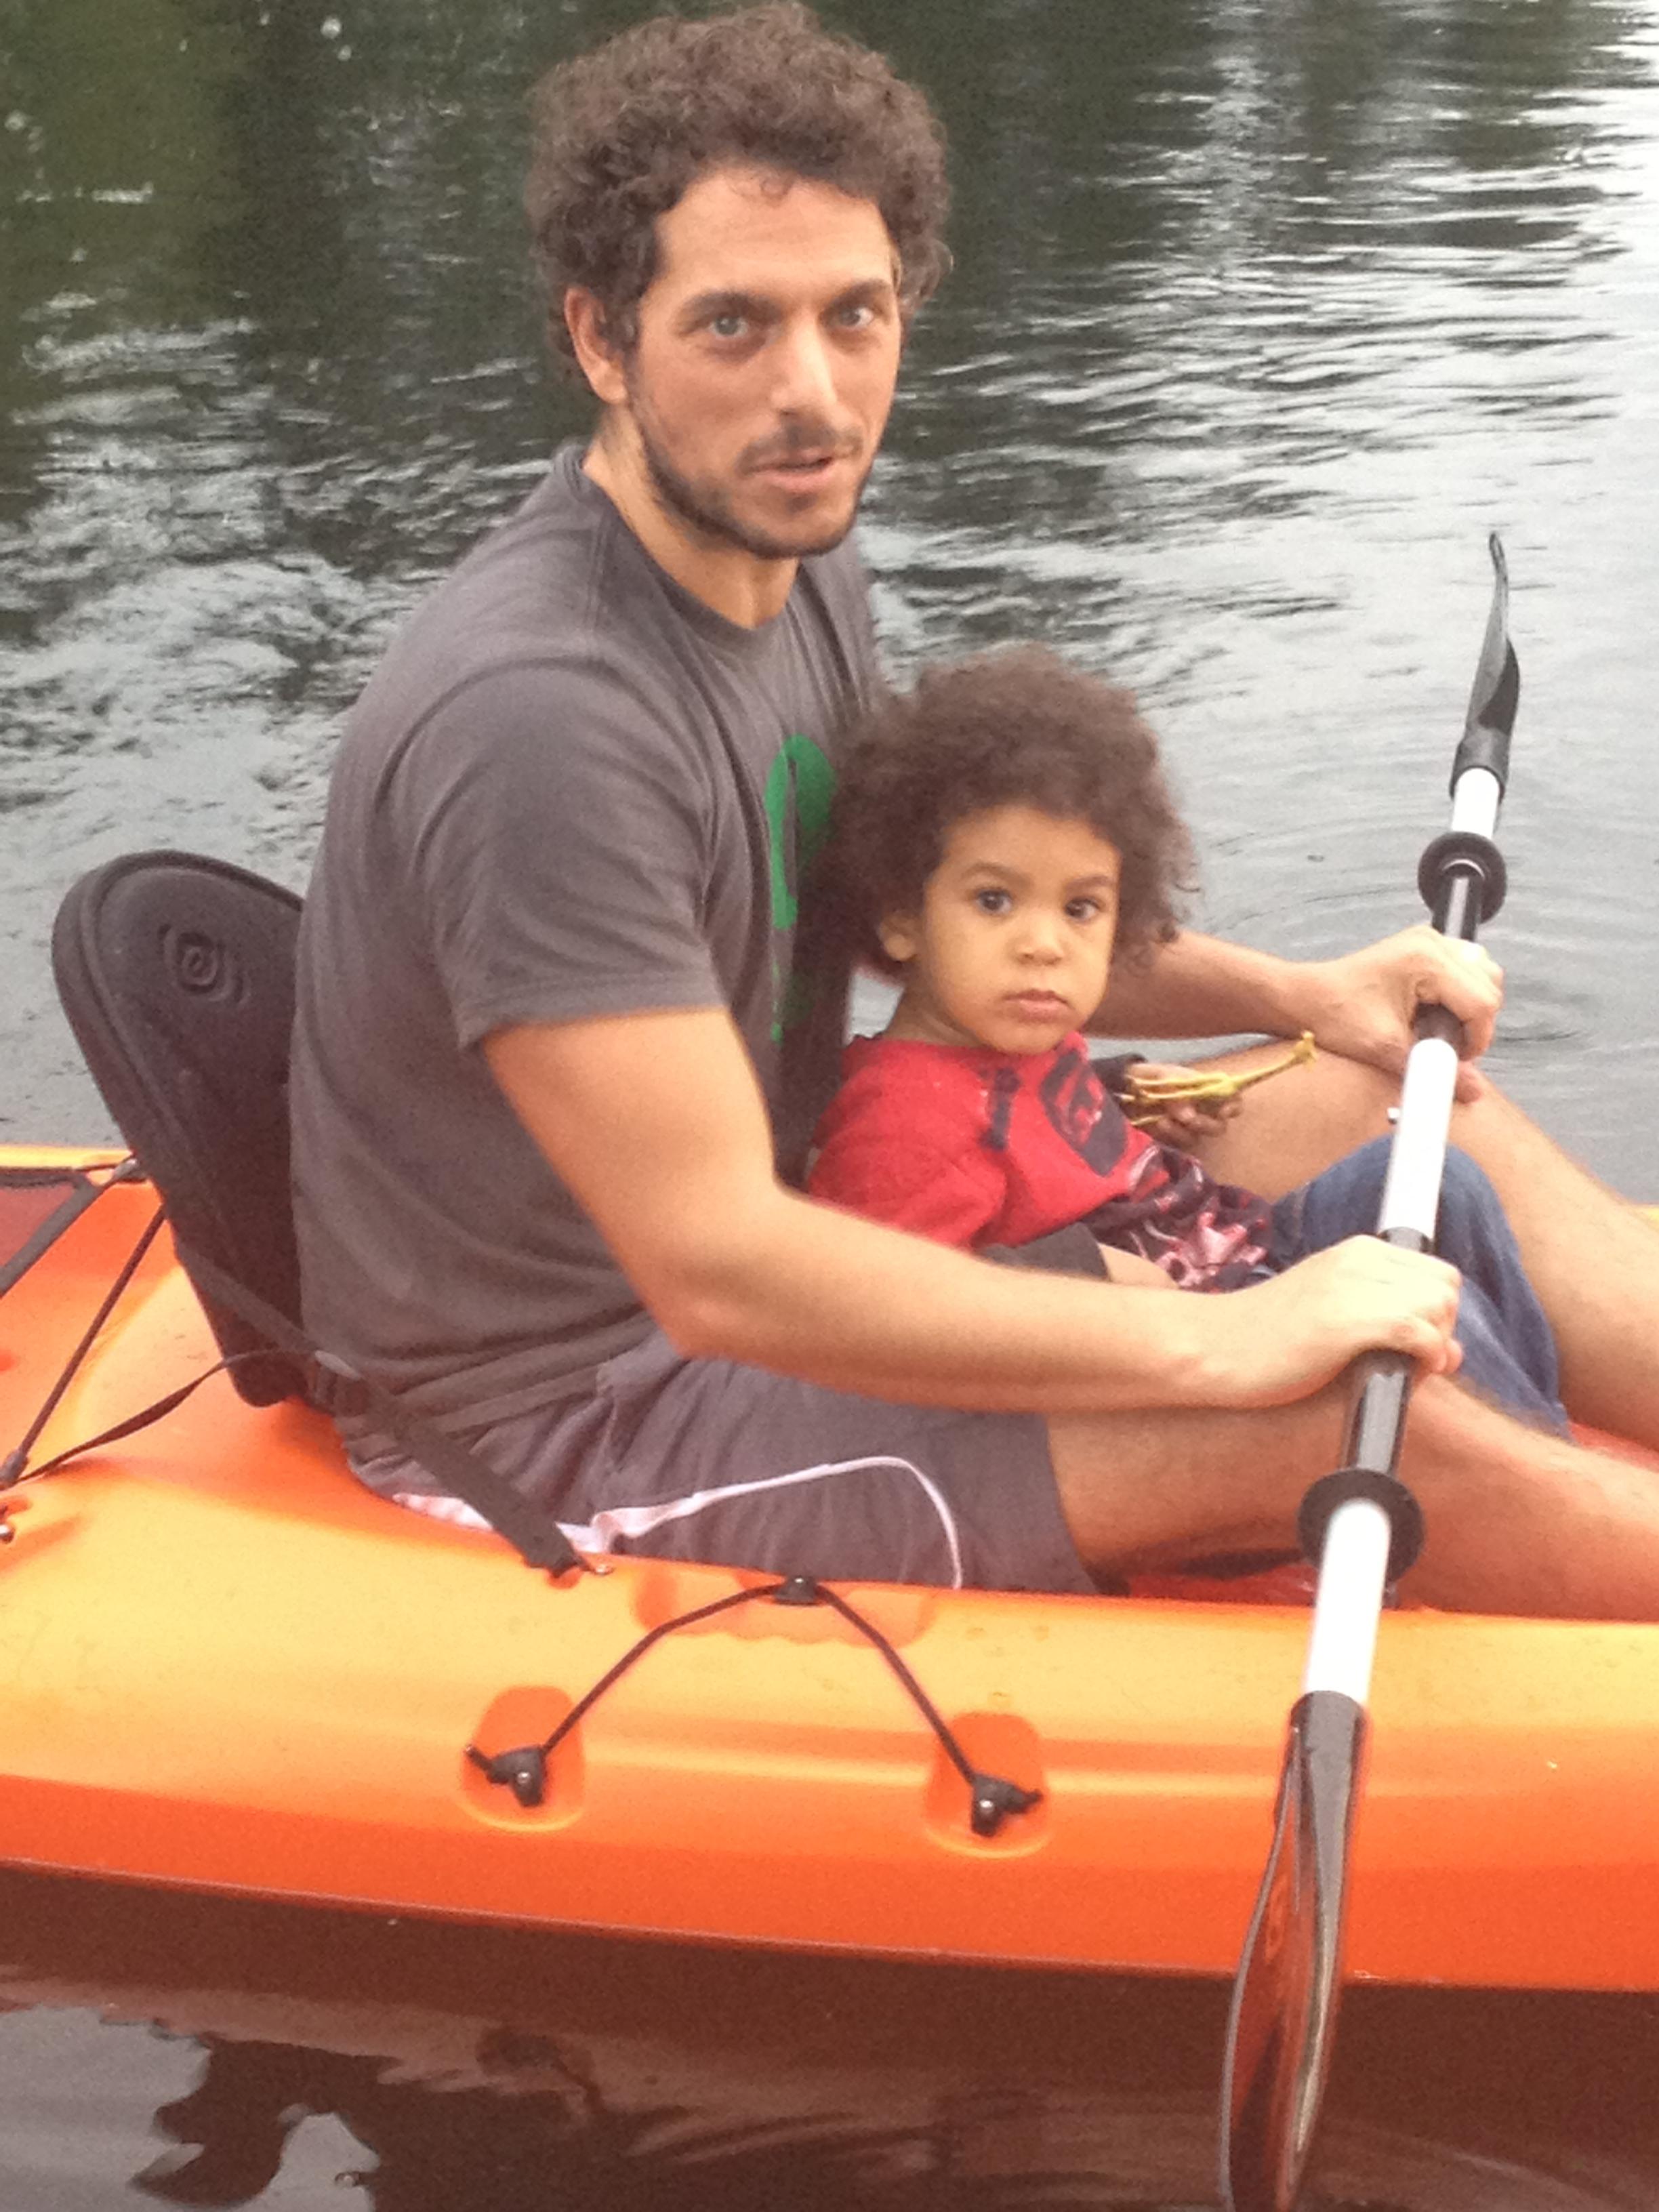 Miles, Papa & a Kayak